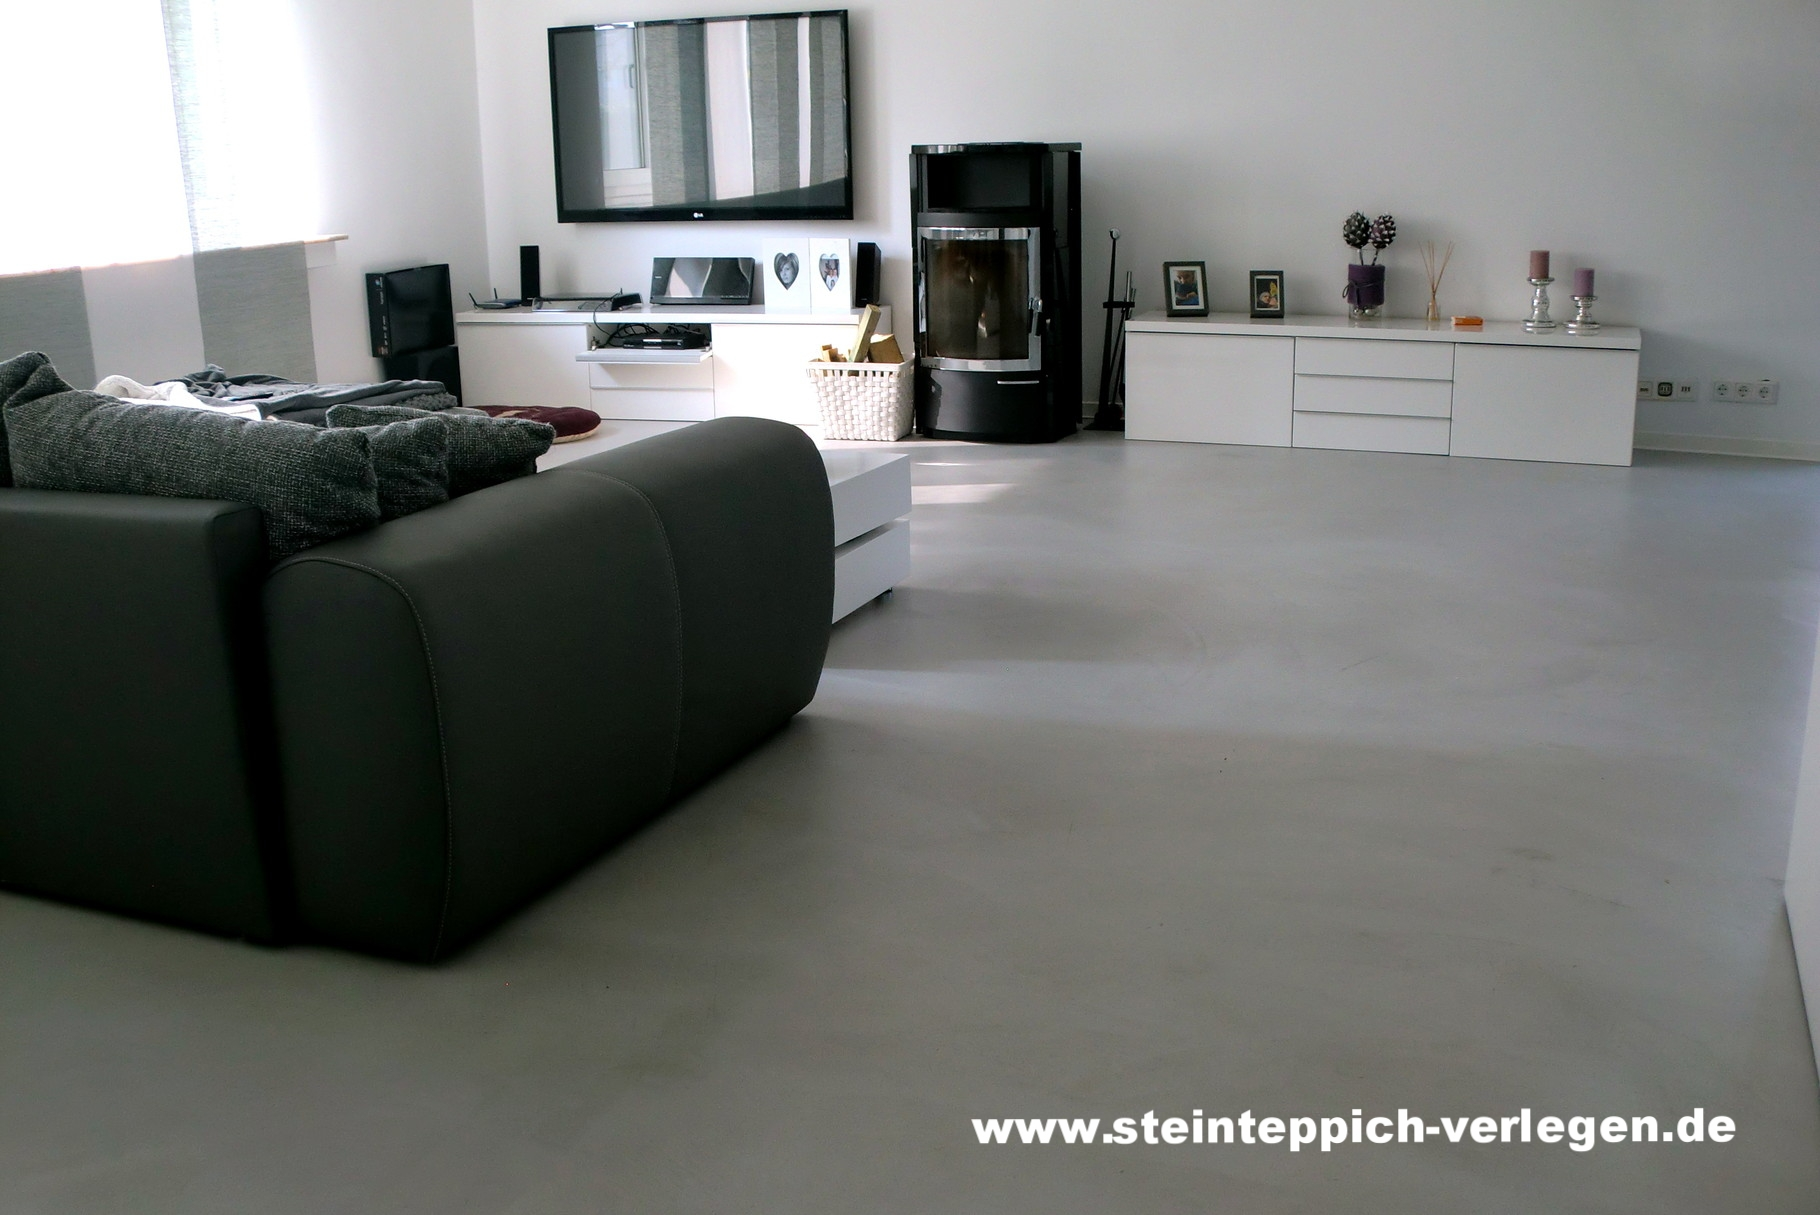 Fußboden In Betonoptik ~ Boden in betonoptik preise & kosten steinteppich in ihrer nähe!